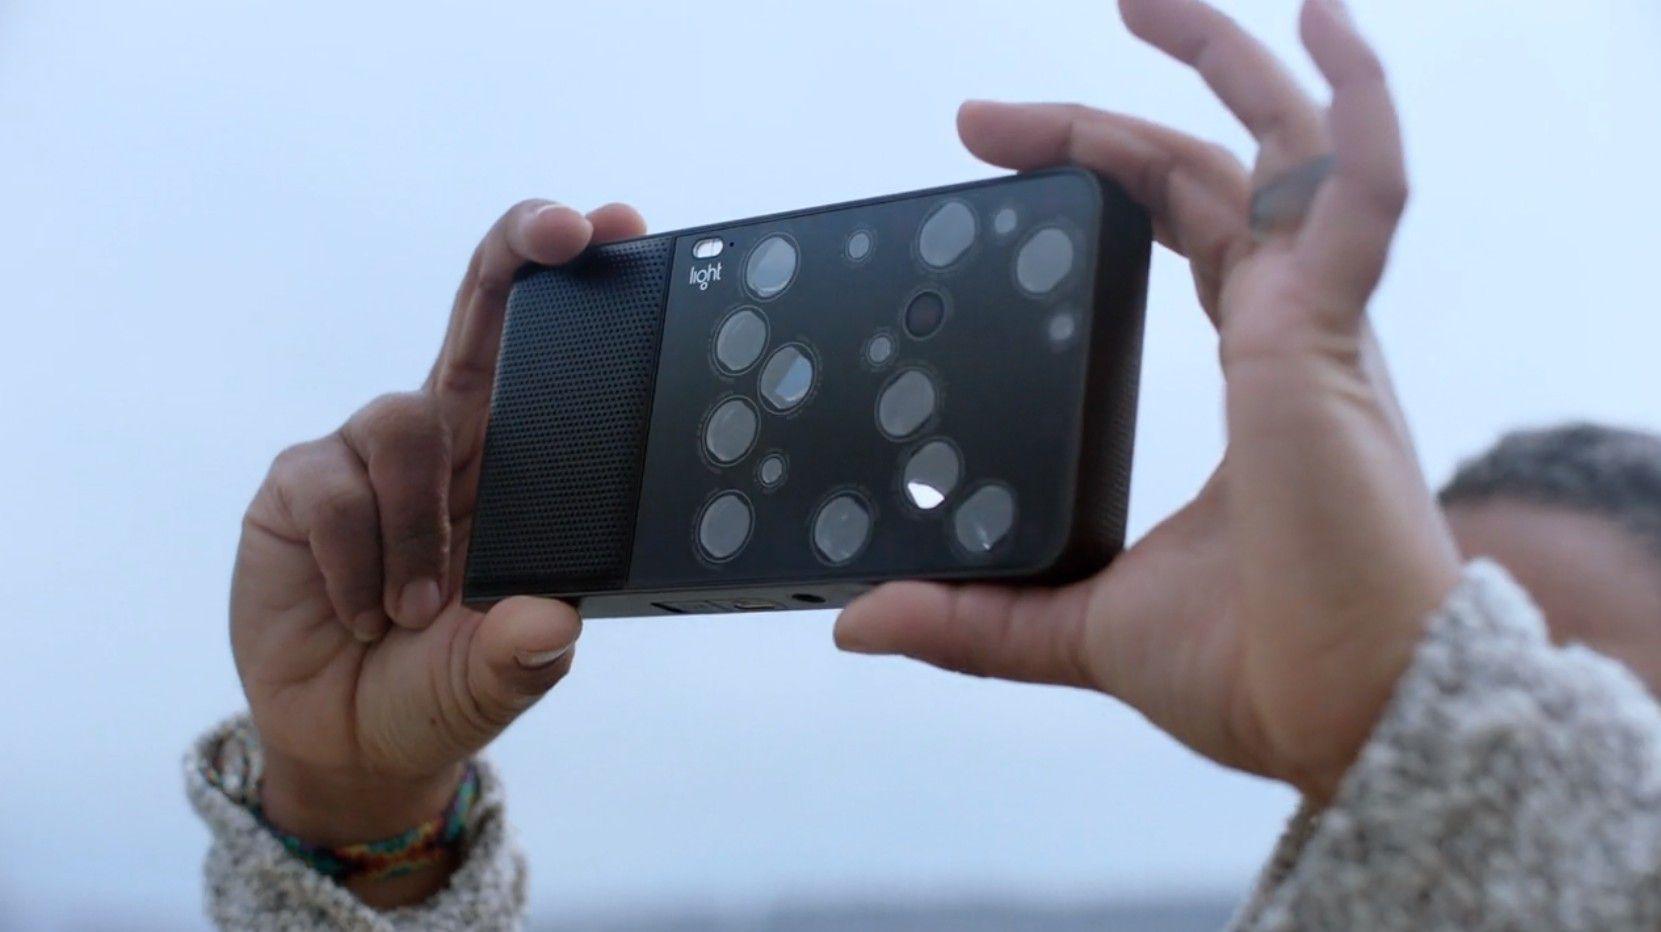 صورة هاتف مع 9 كاميرات تحت التحضير